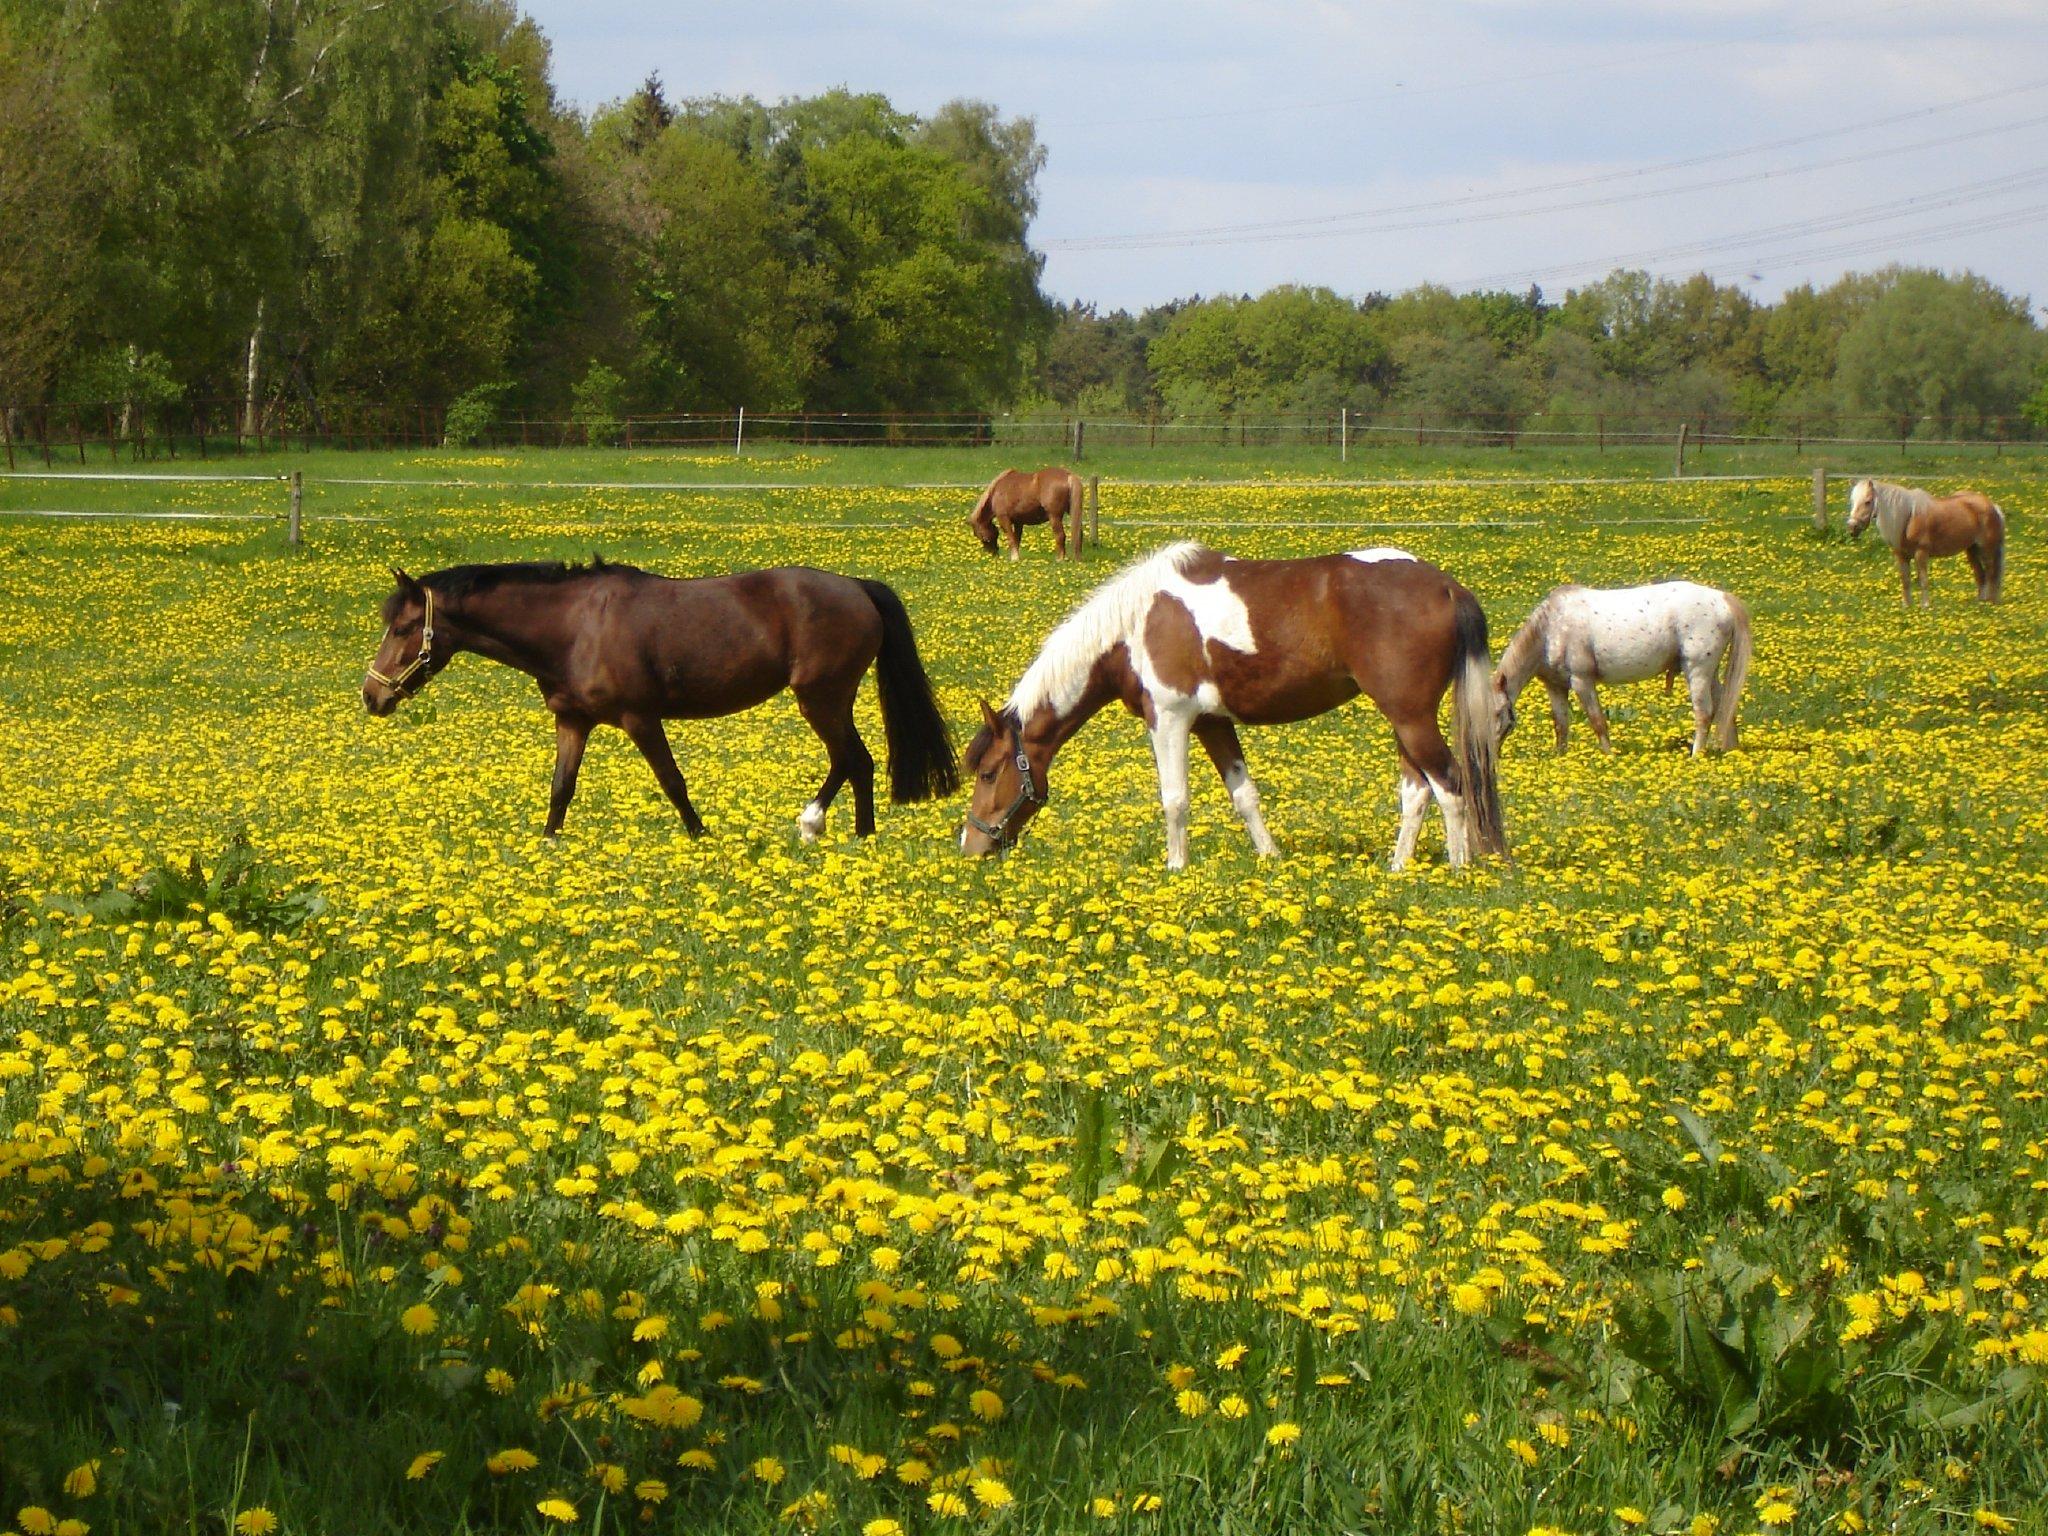 Felder, Wiesen, Seen und Pferde.